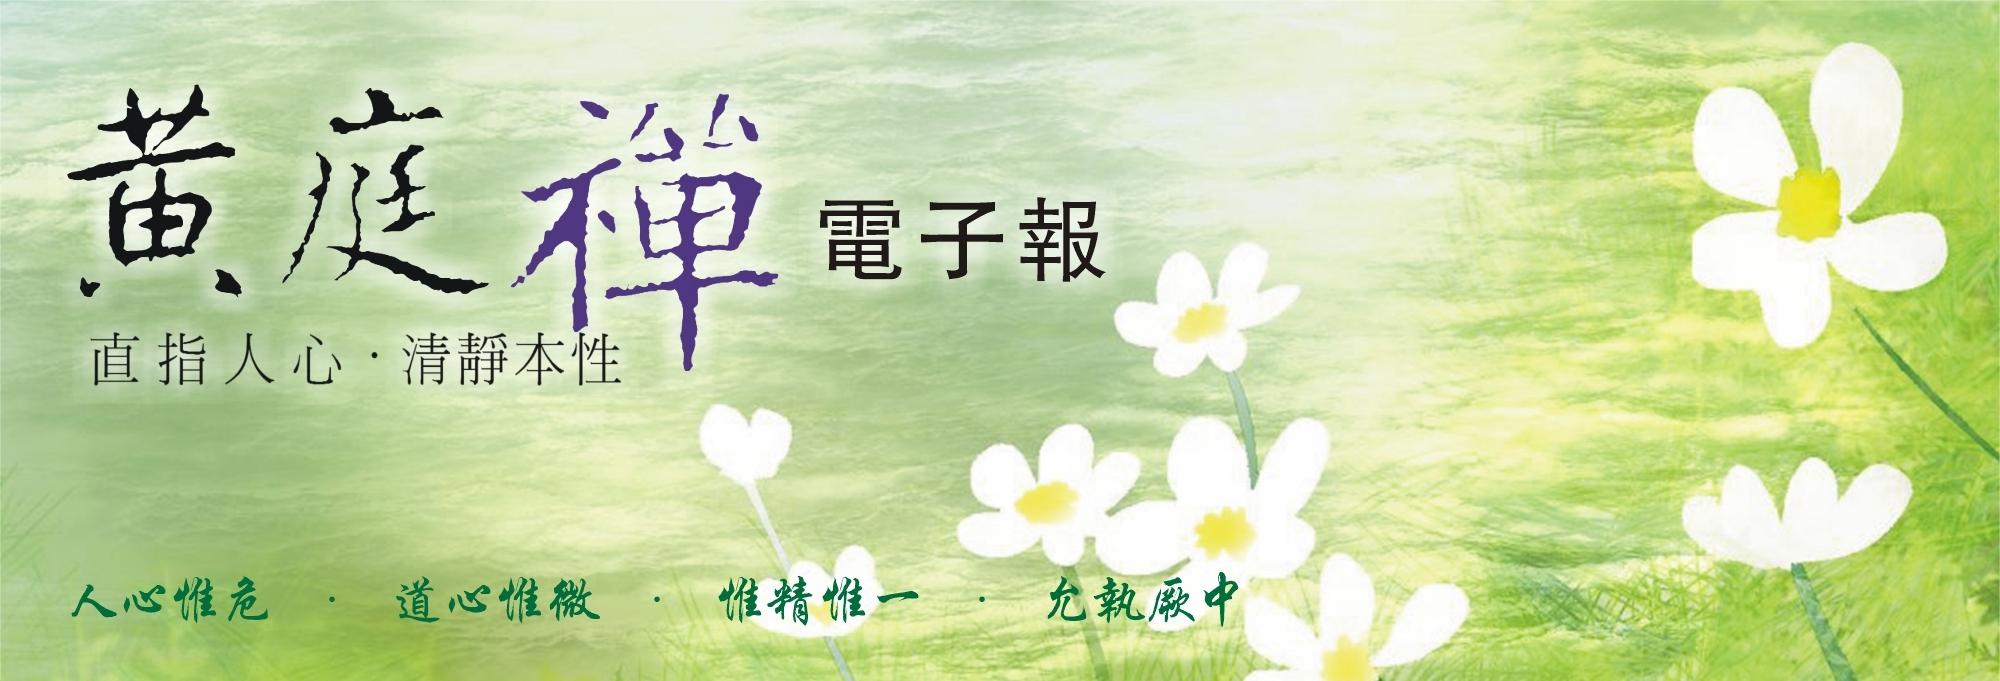 中華黃庭禪學會2016.08.11電子報